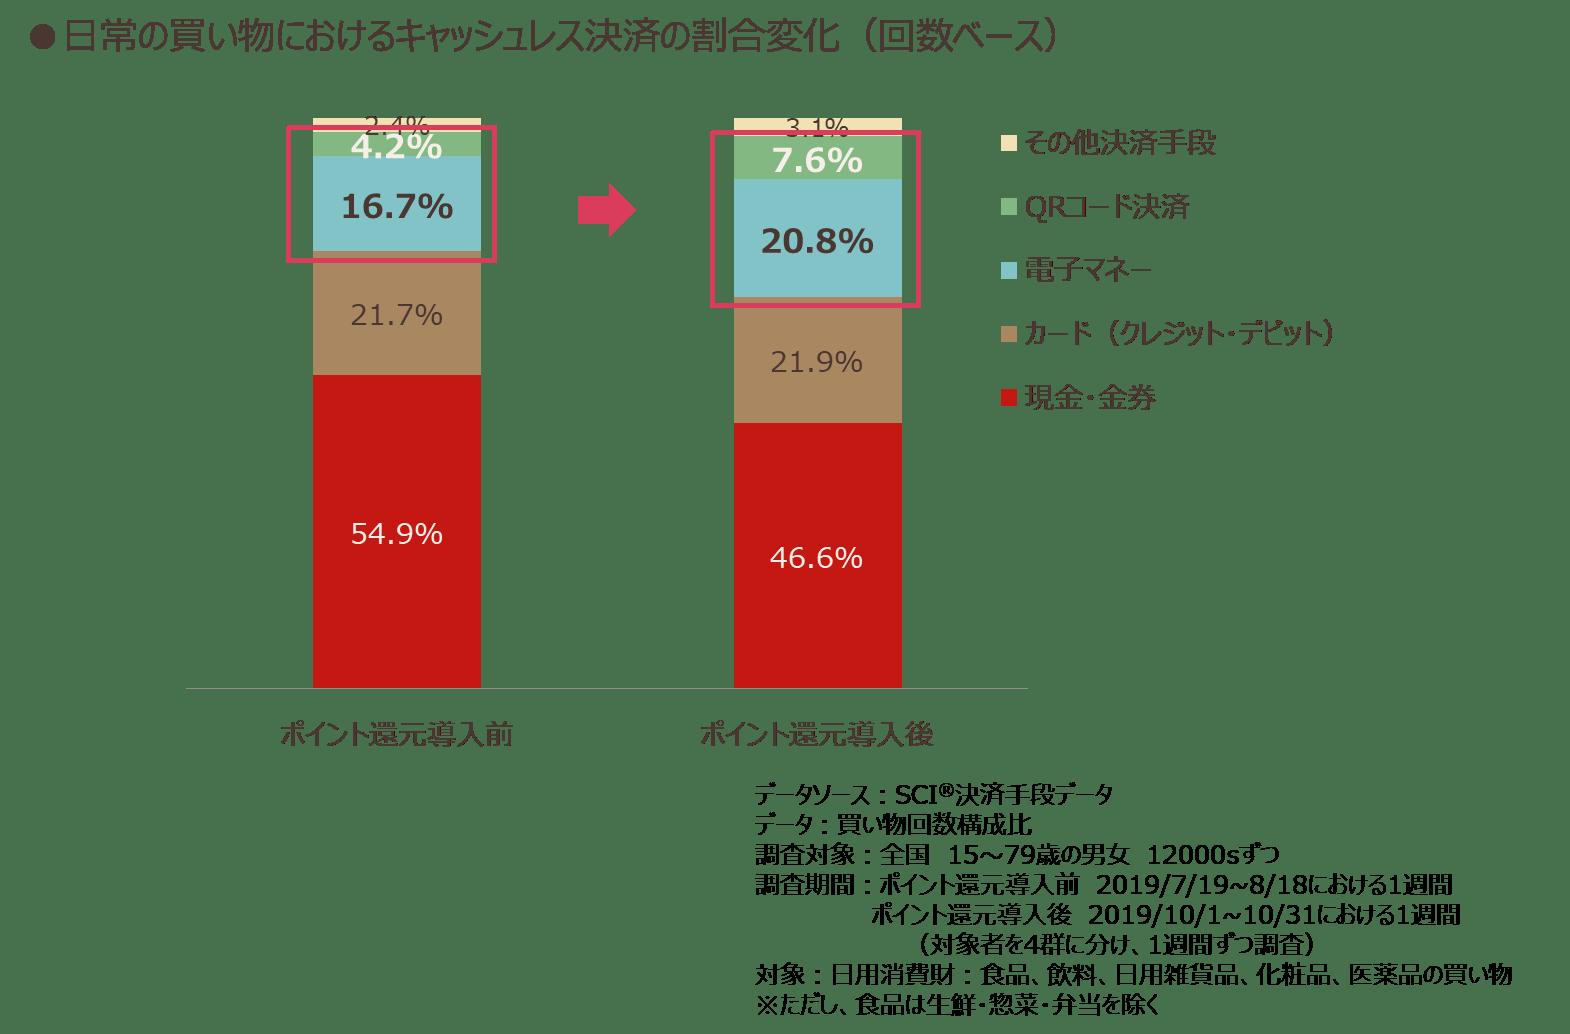 日常の買い物におけるキャッシュレス決済の割合変化(回数ベース)